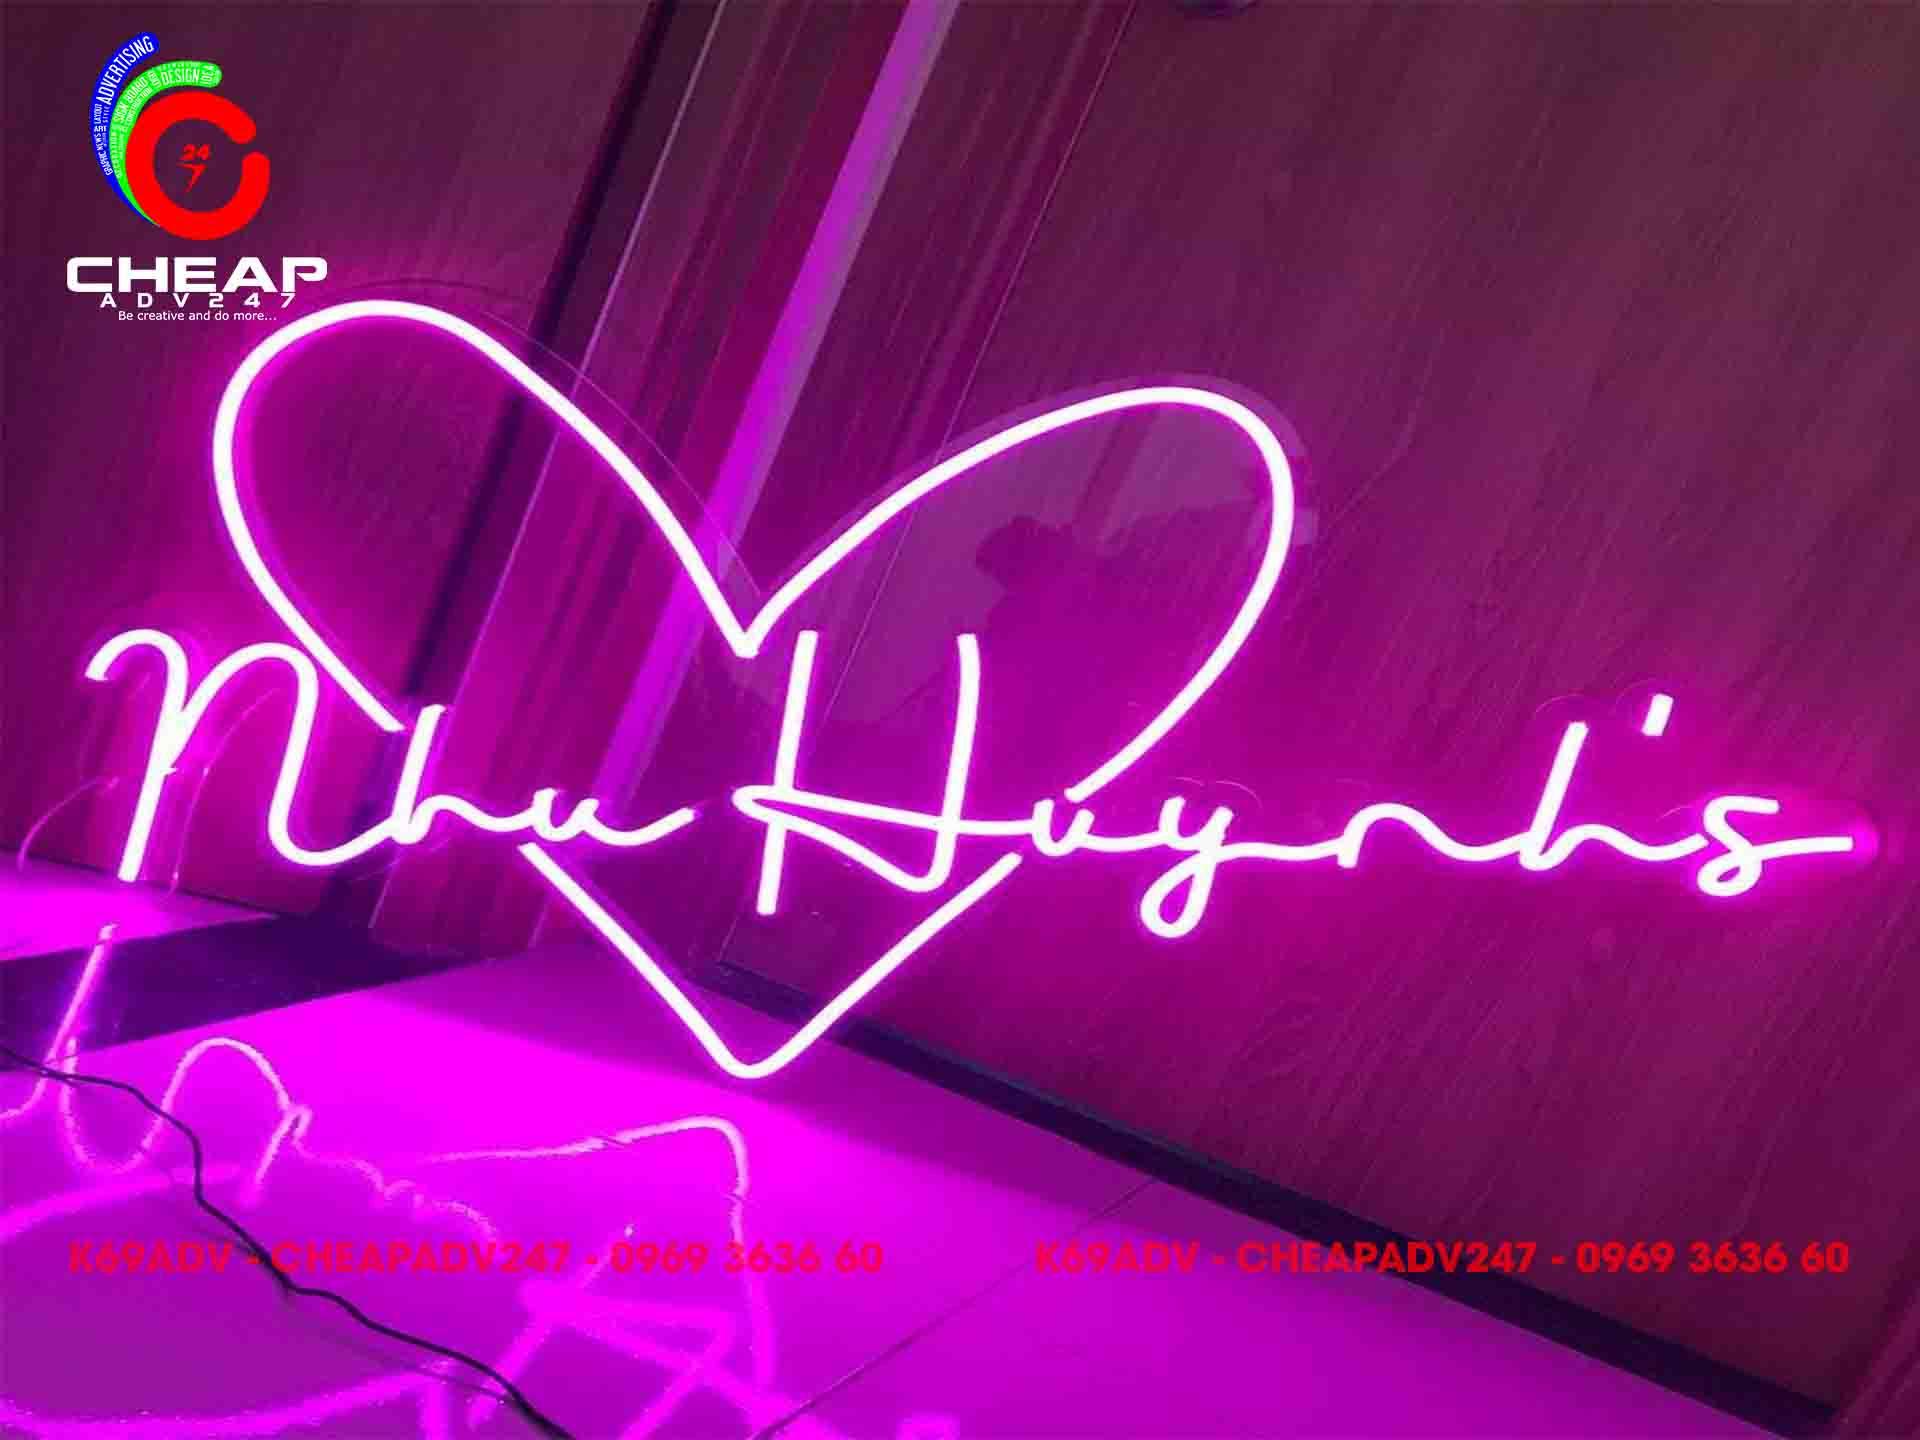 Cheapadv247 chuyên làm đèn Neon Sign giá rẻ